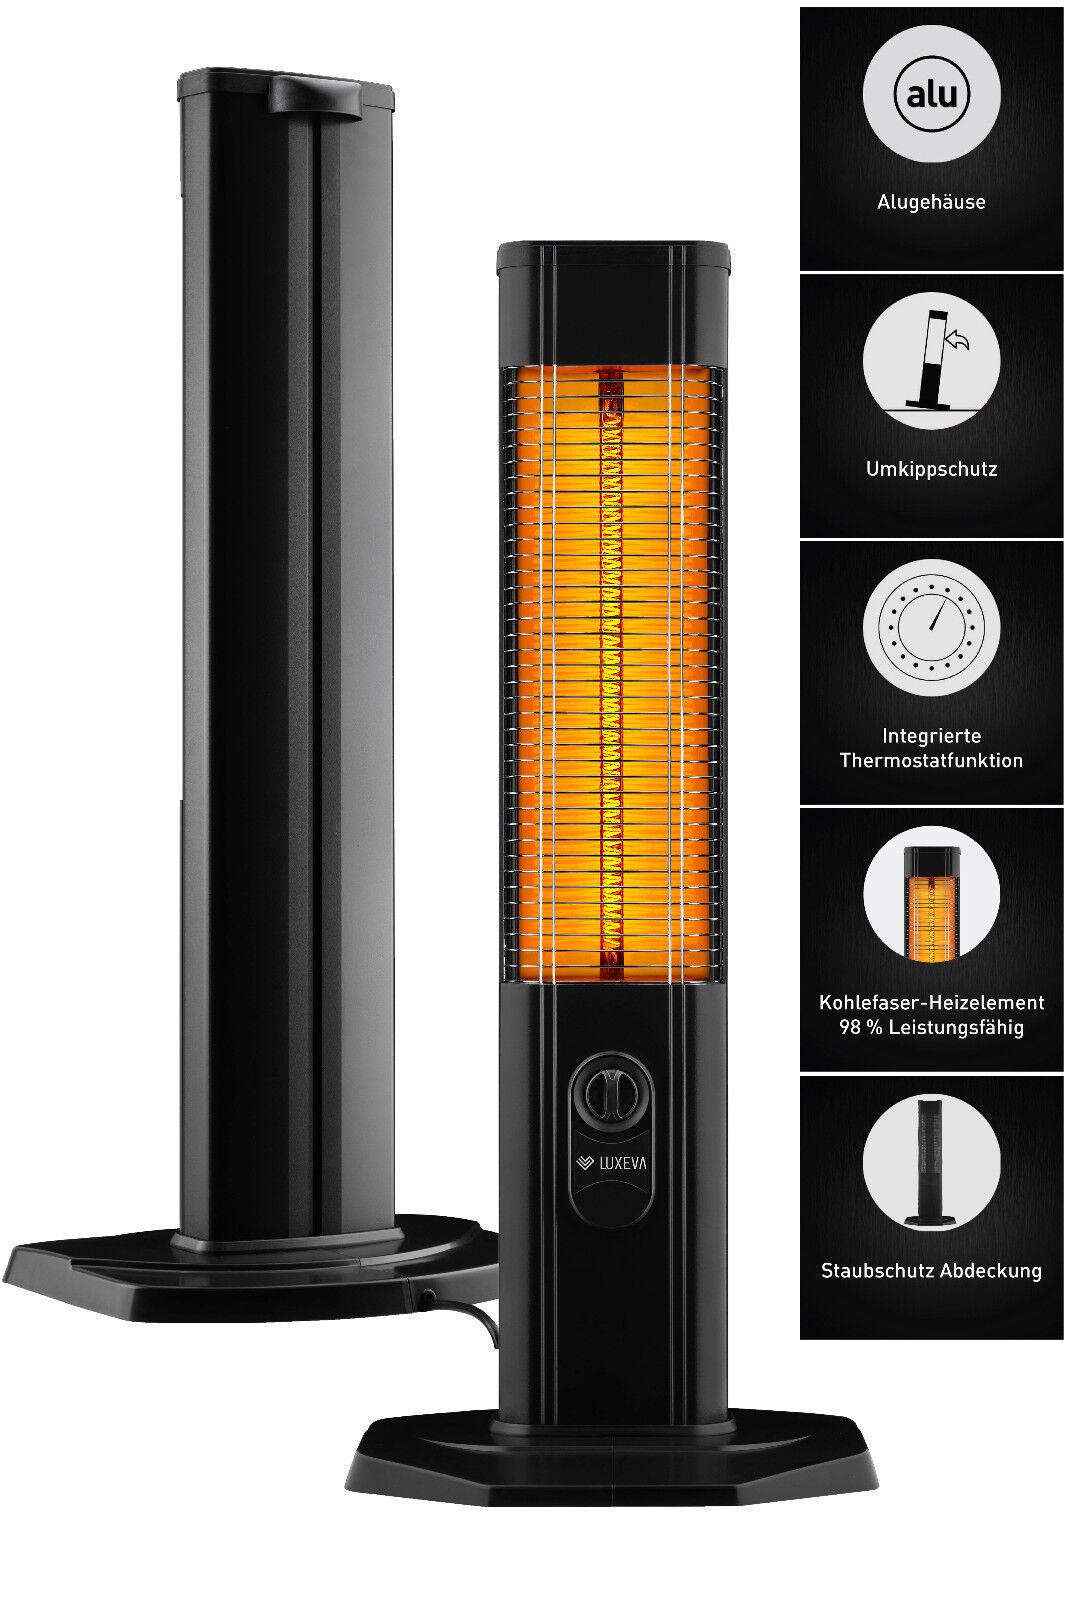 VASNER StandLine 25R Infrarot-Standheizstrahler max 2500 Watt weiß